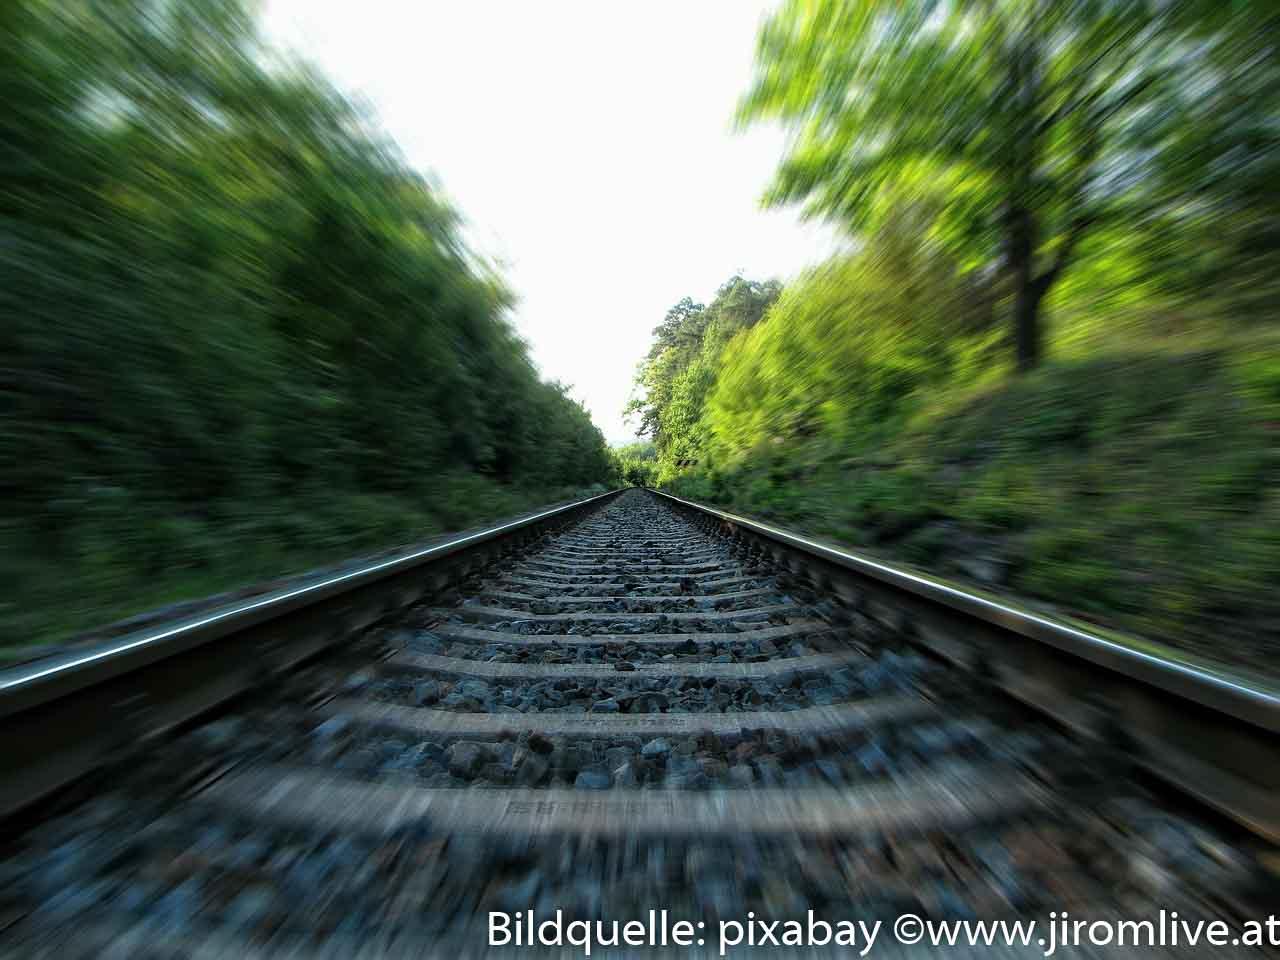 Gratis Bus und Bahn – wäreso etwas im Bezirk Braunau möglich?